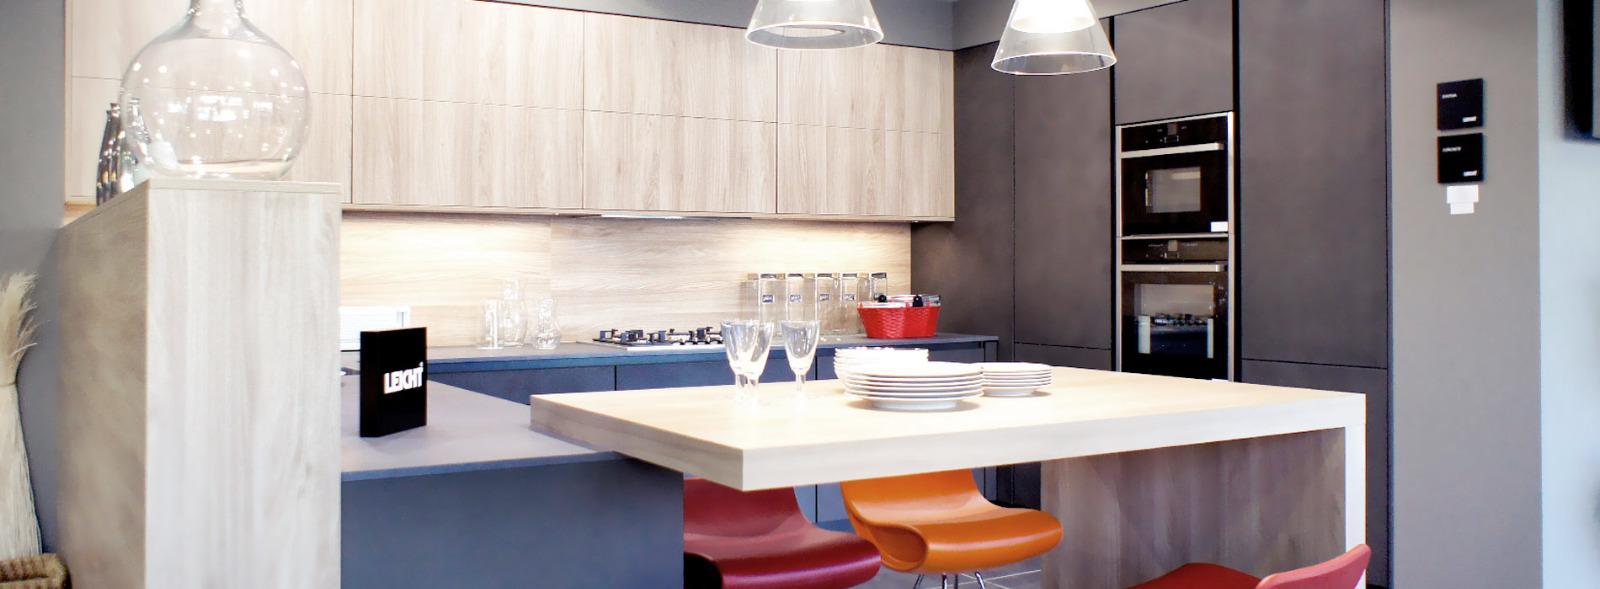 Cuisine Sur Mesure Contemporaine Design A Nimes Dans Le Gard